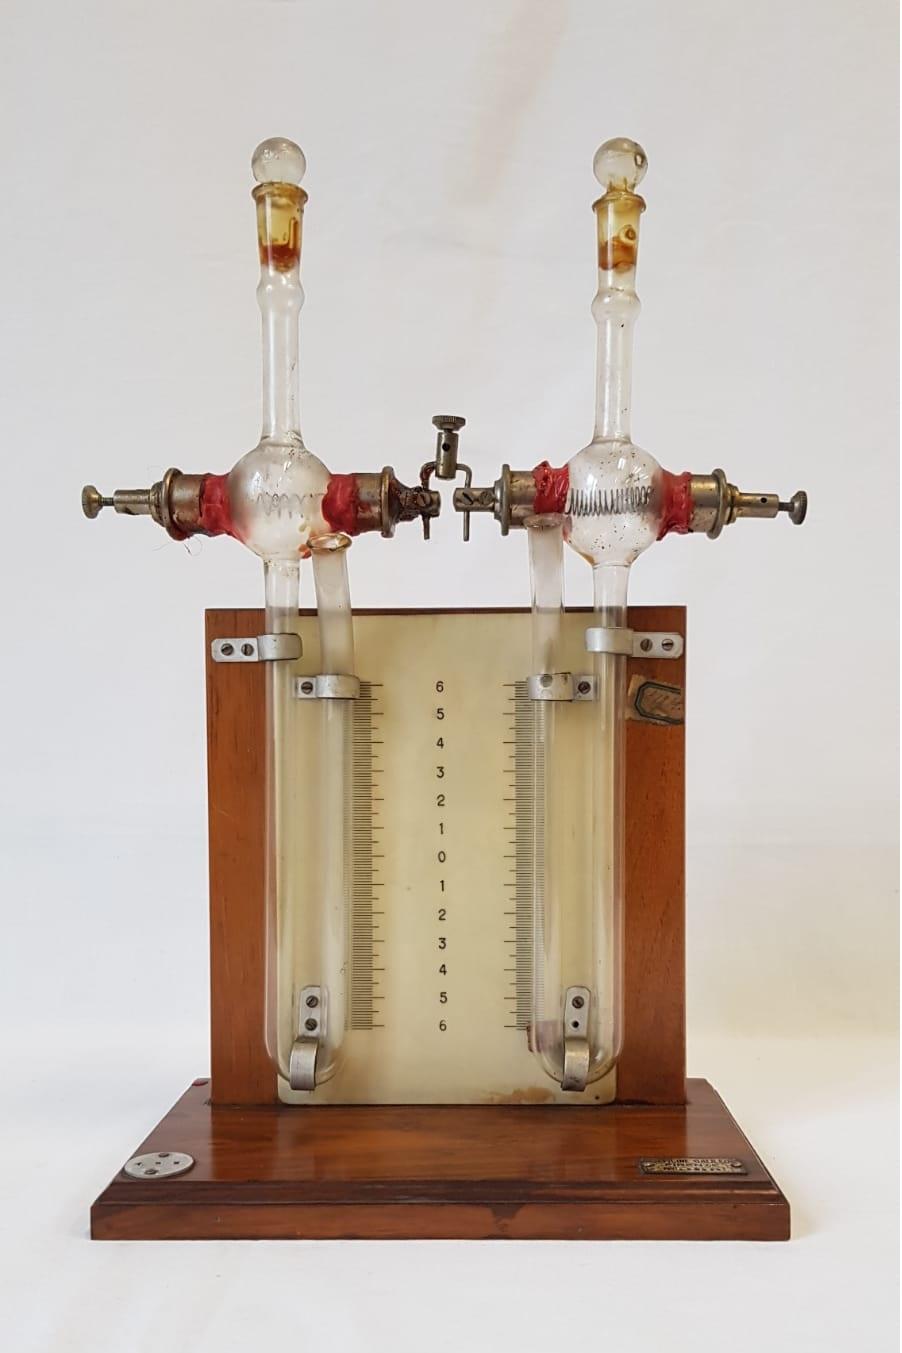 Apparecchio per la legge di Joule sul riscaldamento dei conduttori percorsi dalla corrente